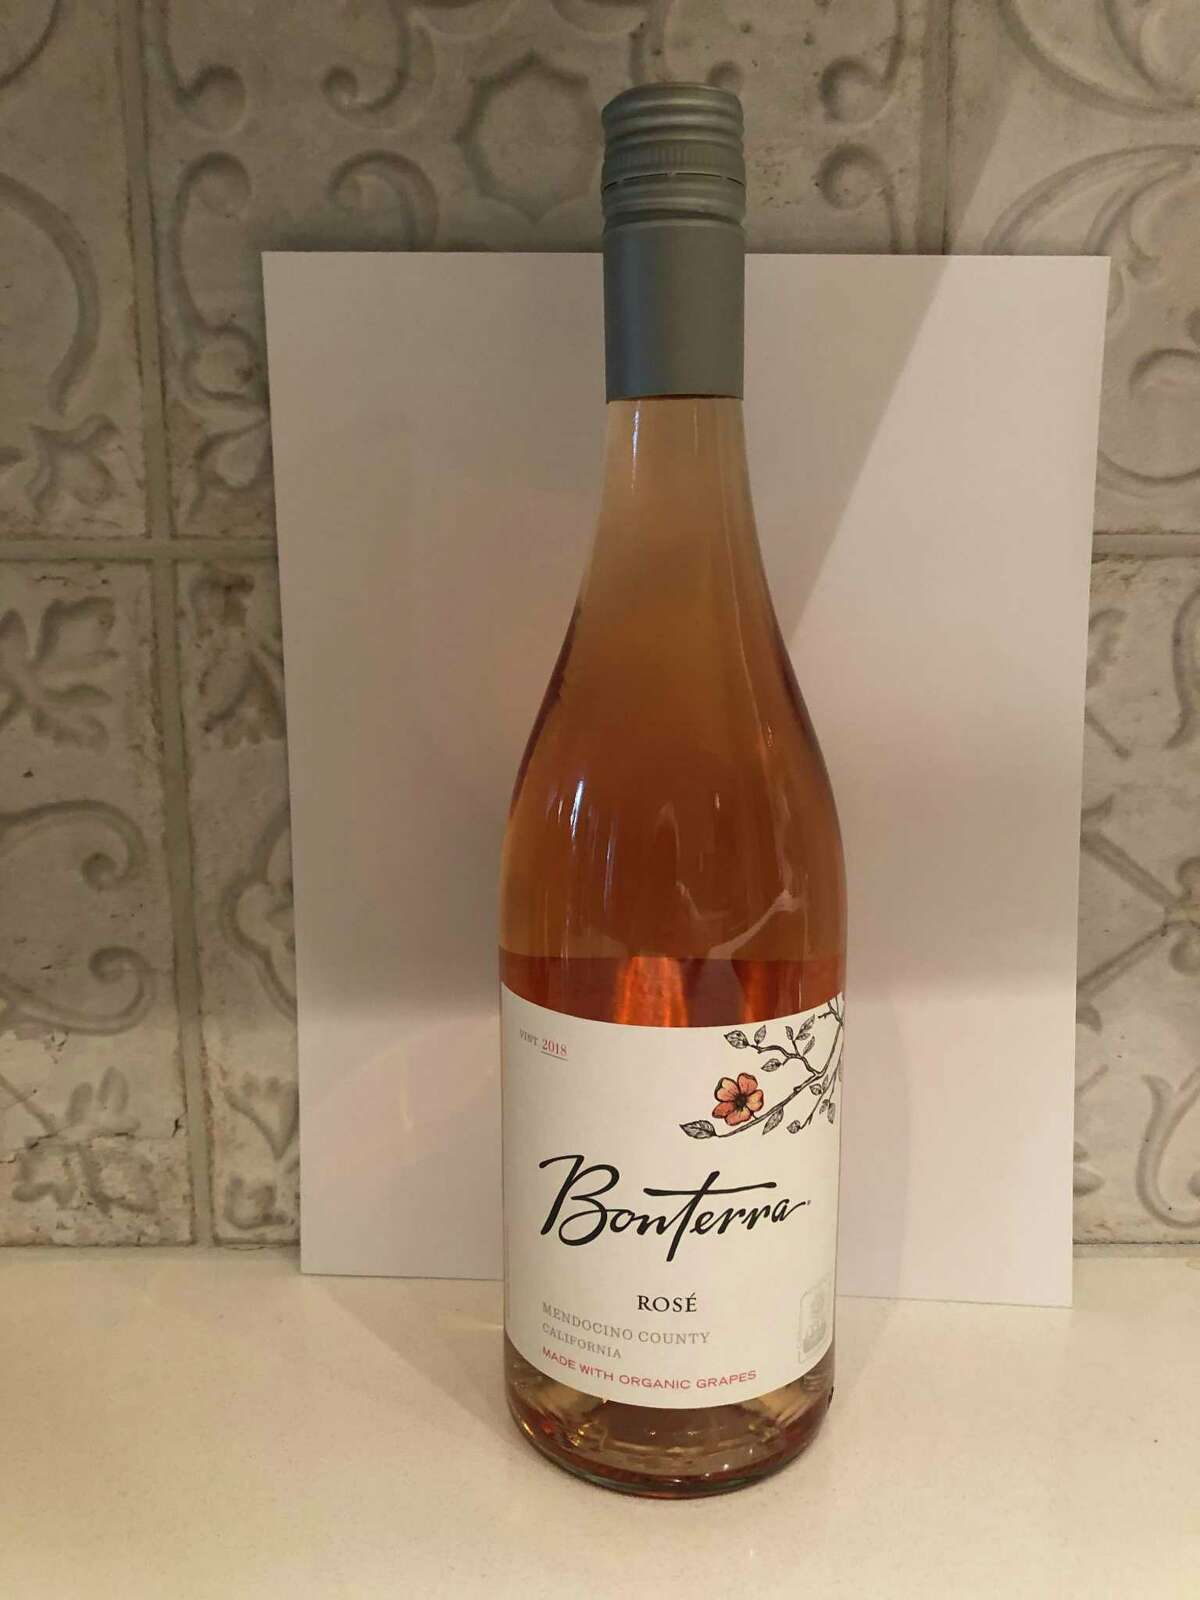 2019 Bonterra Rosé Mendocino County